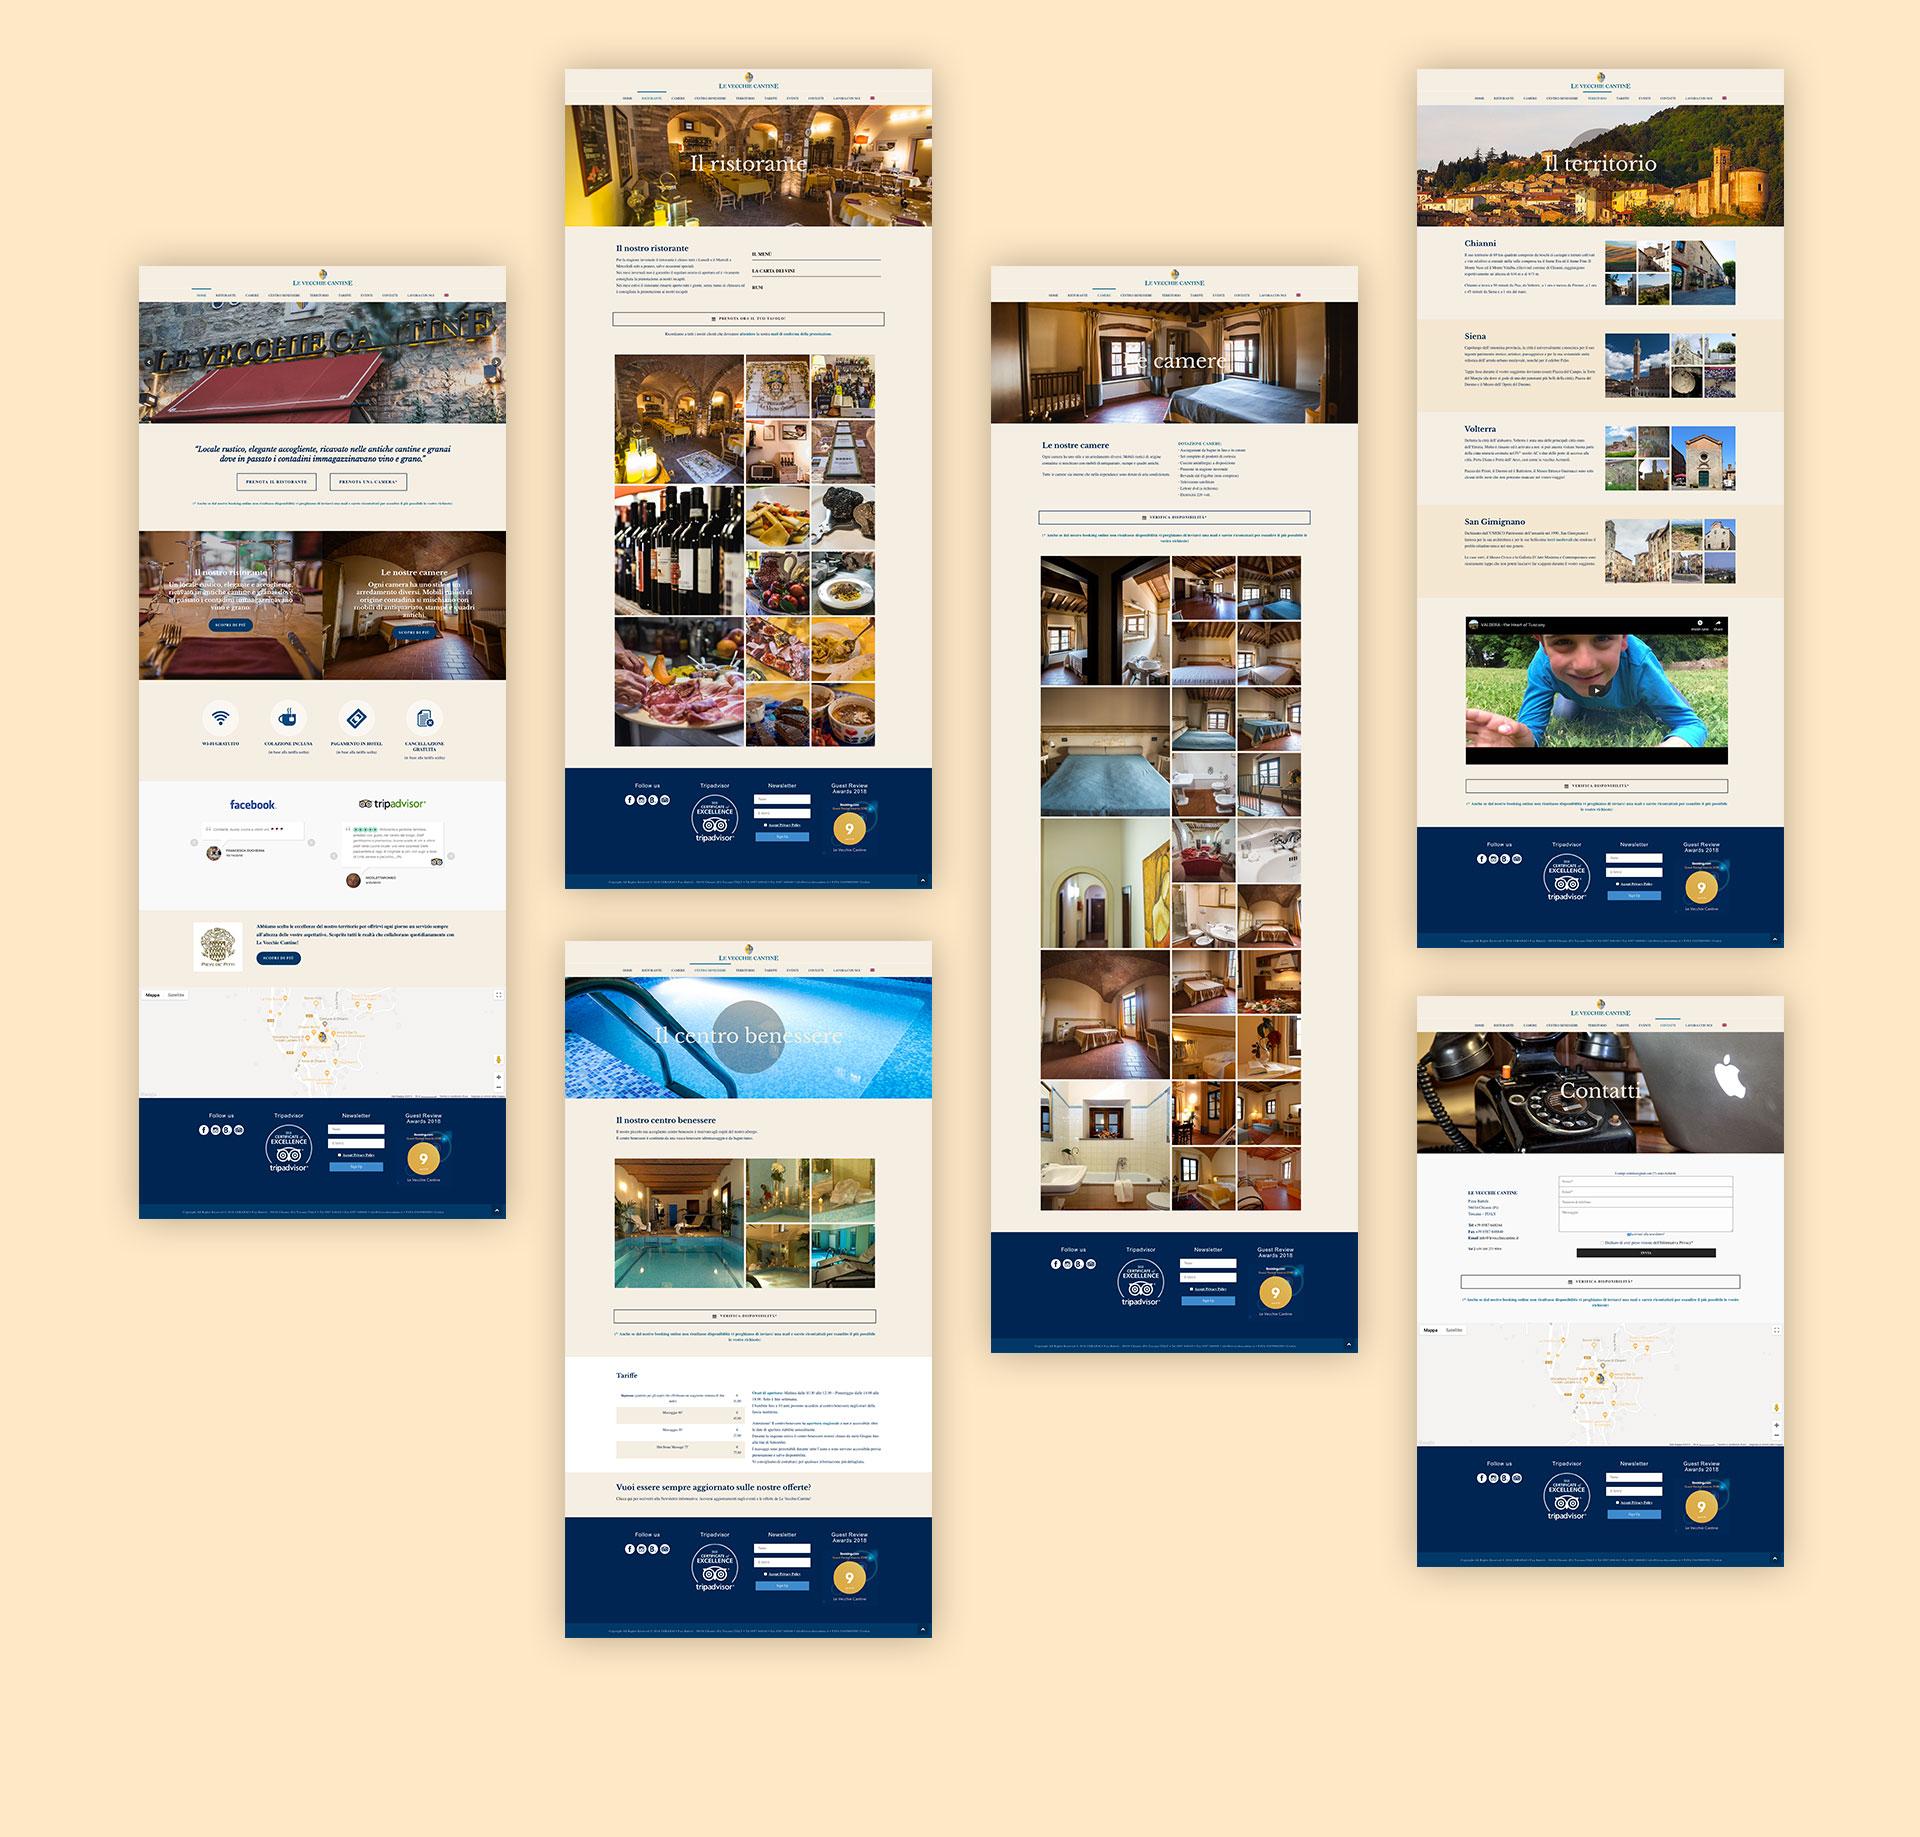 le-vecchie-cantine-website-pages